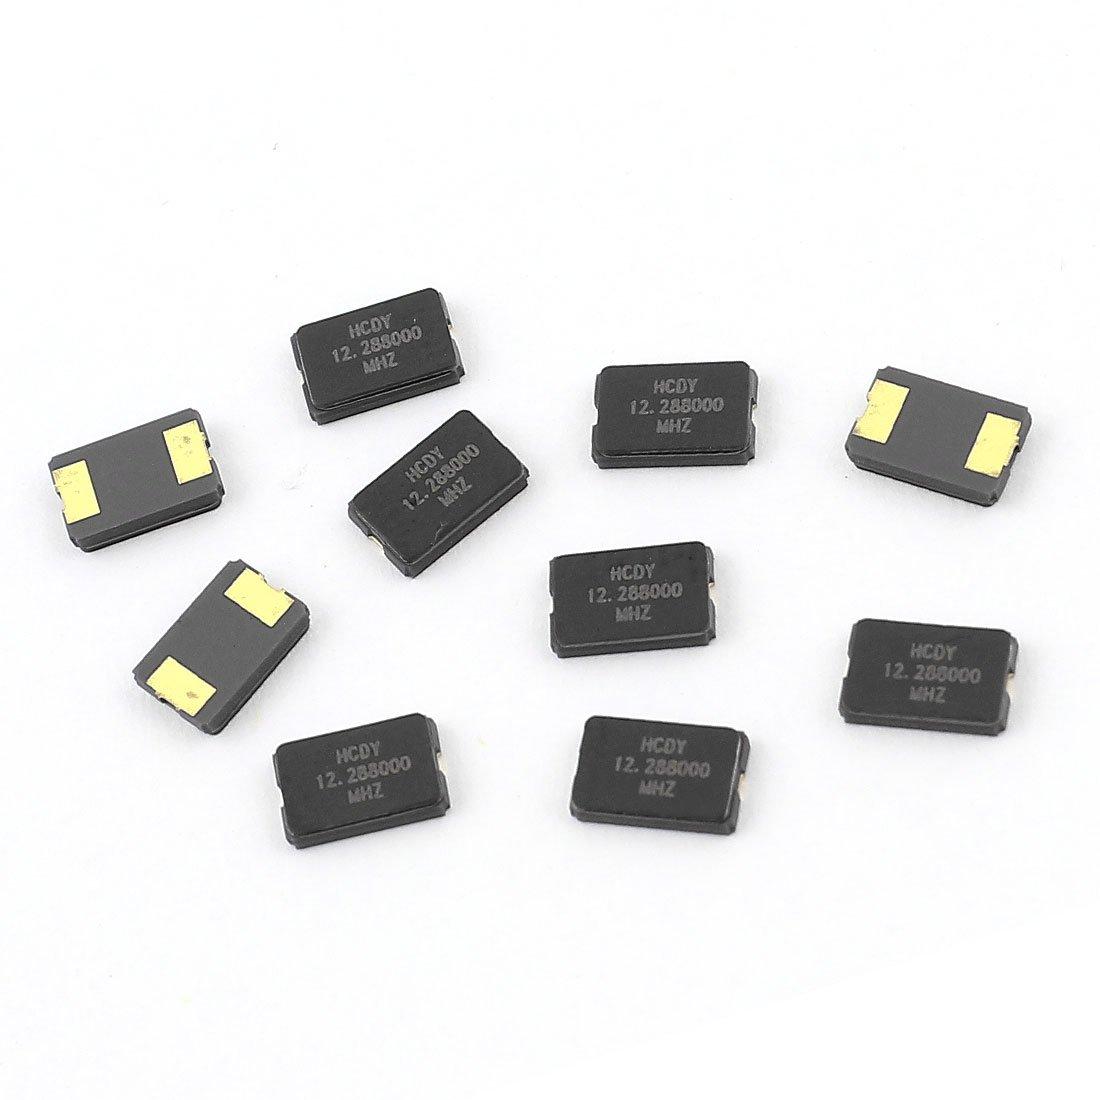 Aexit 10 Pcs Passive Components 12.288MHz SMD Passive Crystal Quartz Oscillator 5mm Crystals x 3.2mm